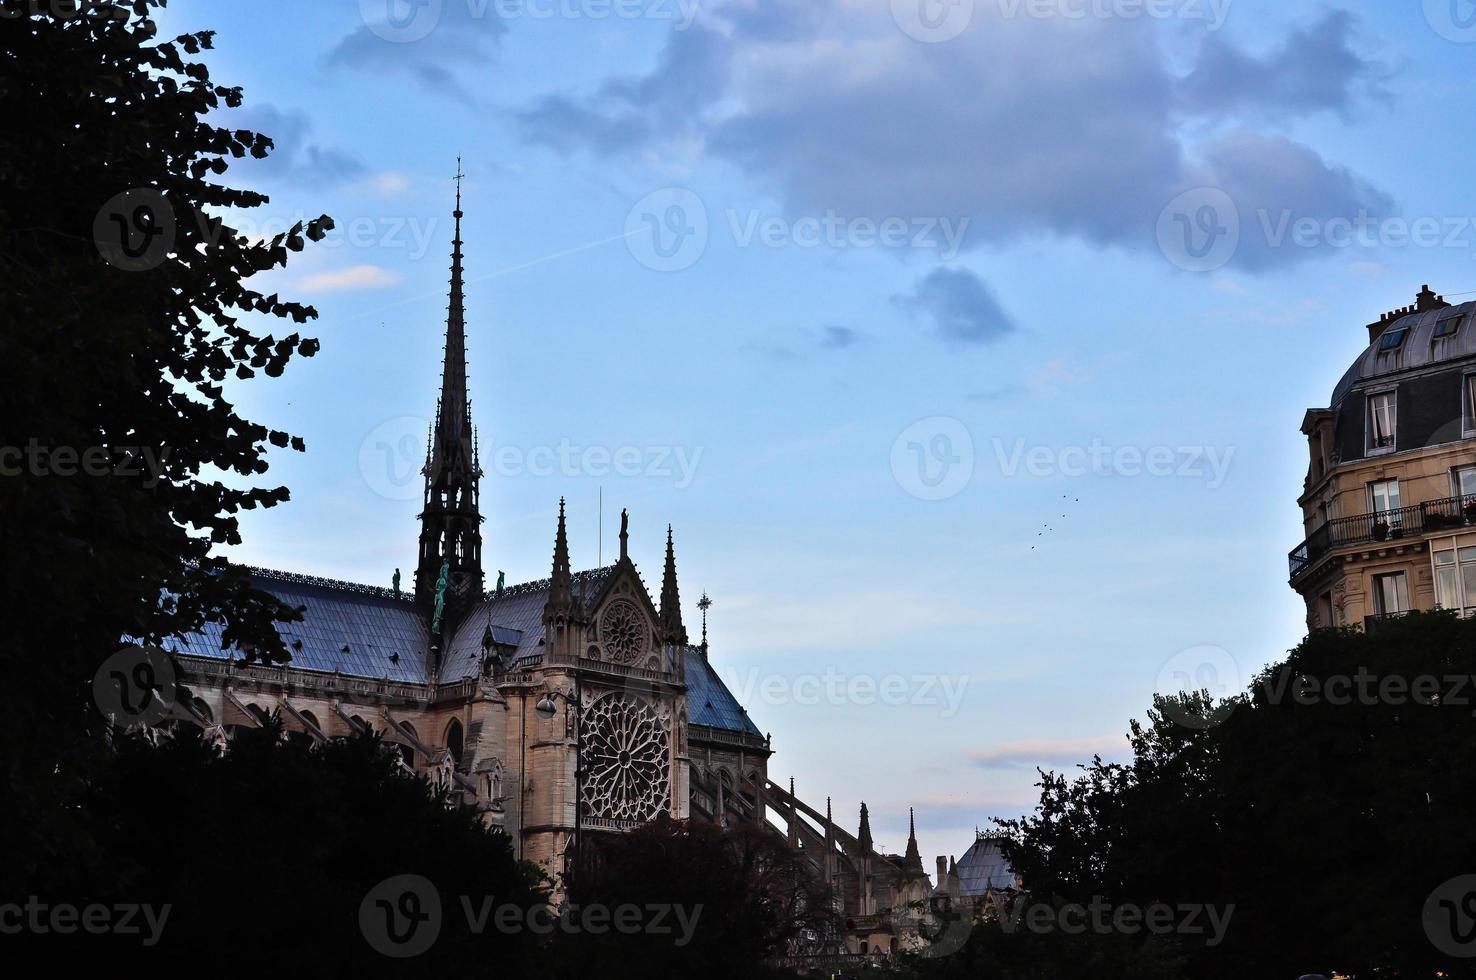 kathedraal van Notre Dame in Parijs, Frankrijk. foto